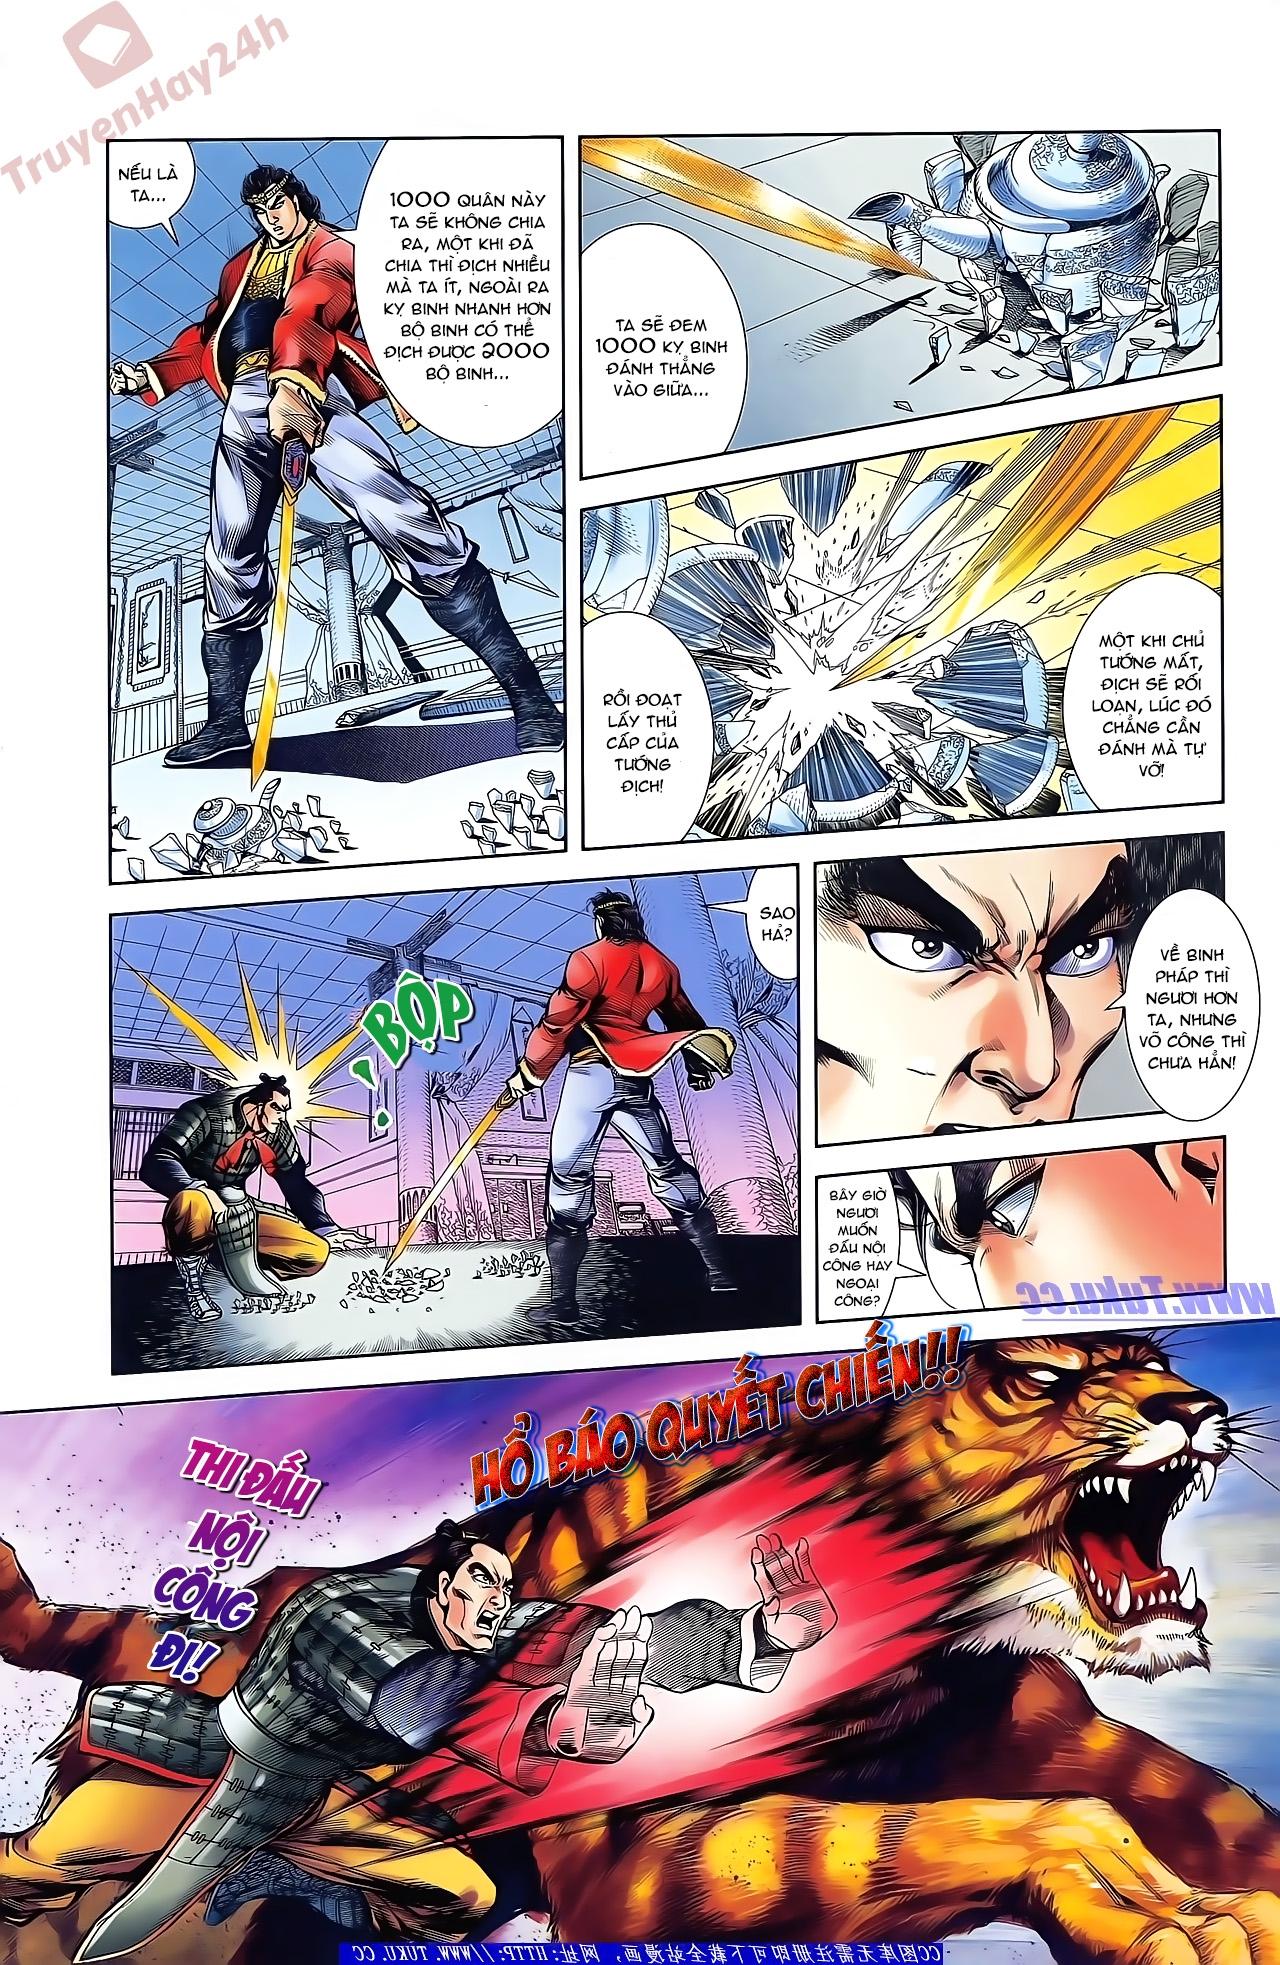 Tần Vương Doanh Chính chapter 42 trang 9